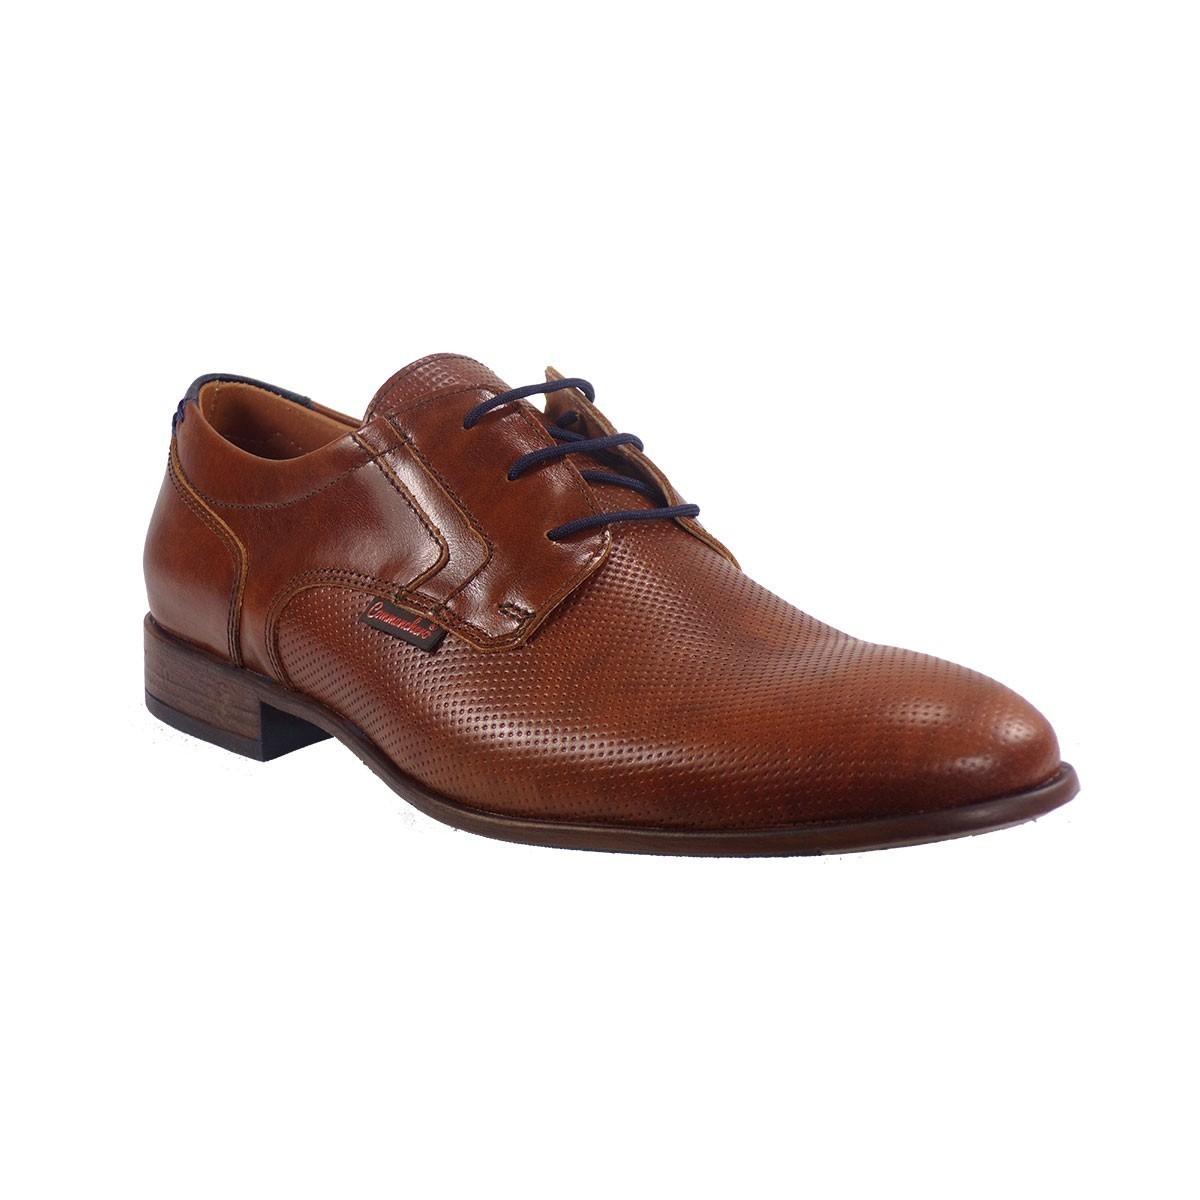 Commanchero Ανδρικά Παπούτσια 91629 Ταμπά Δέρμα